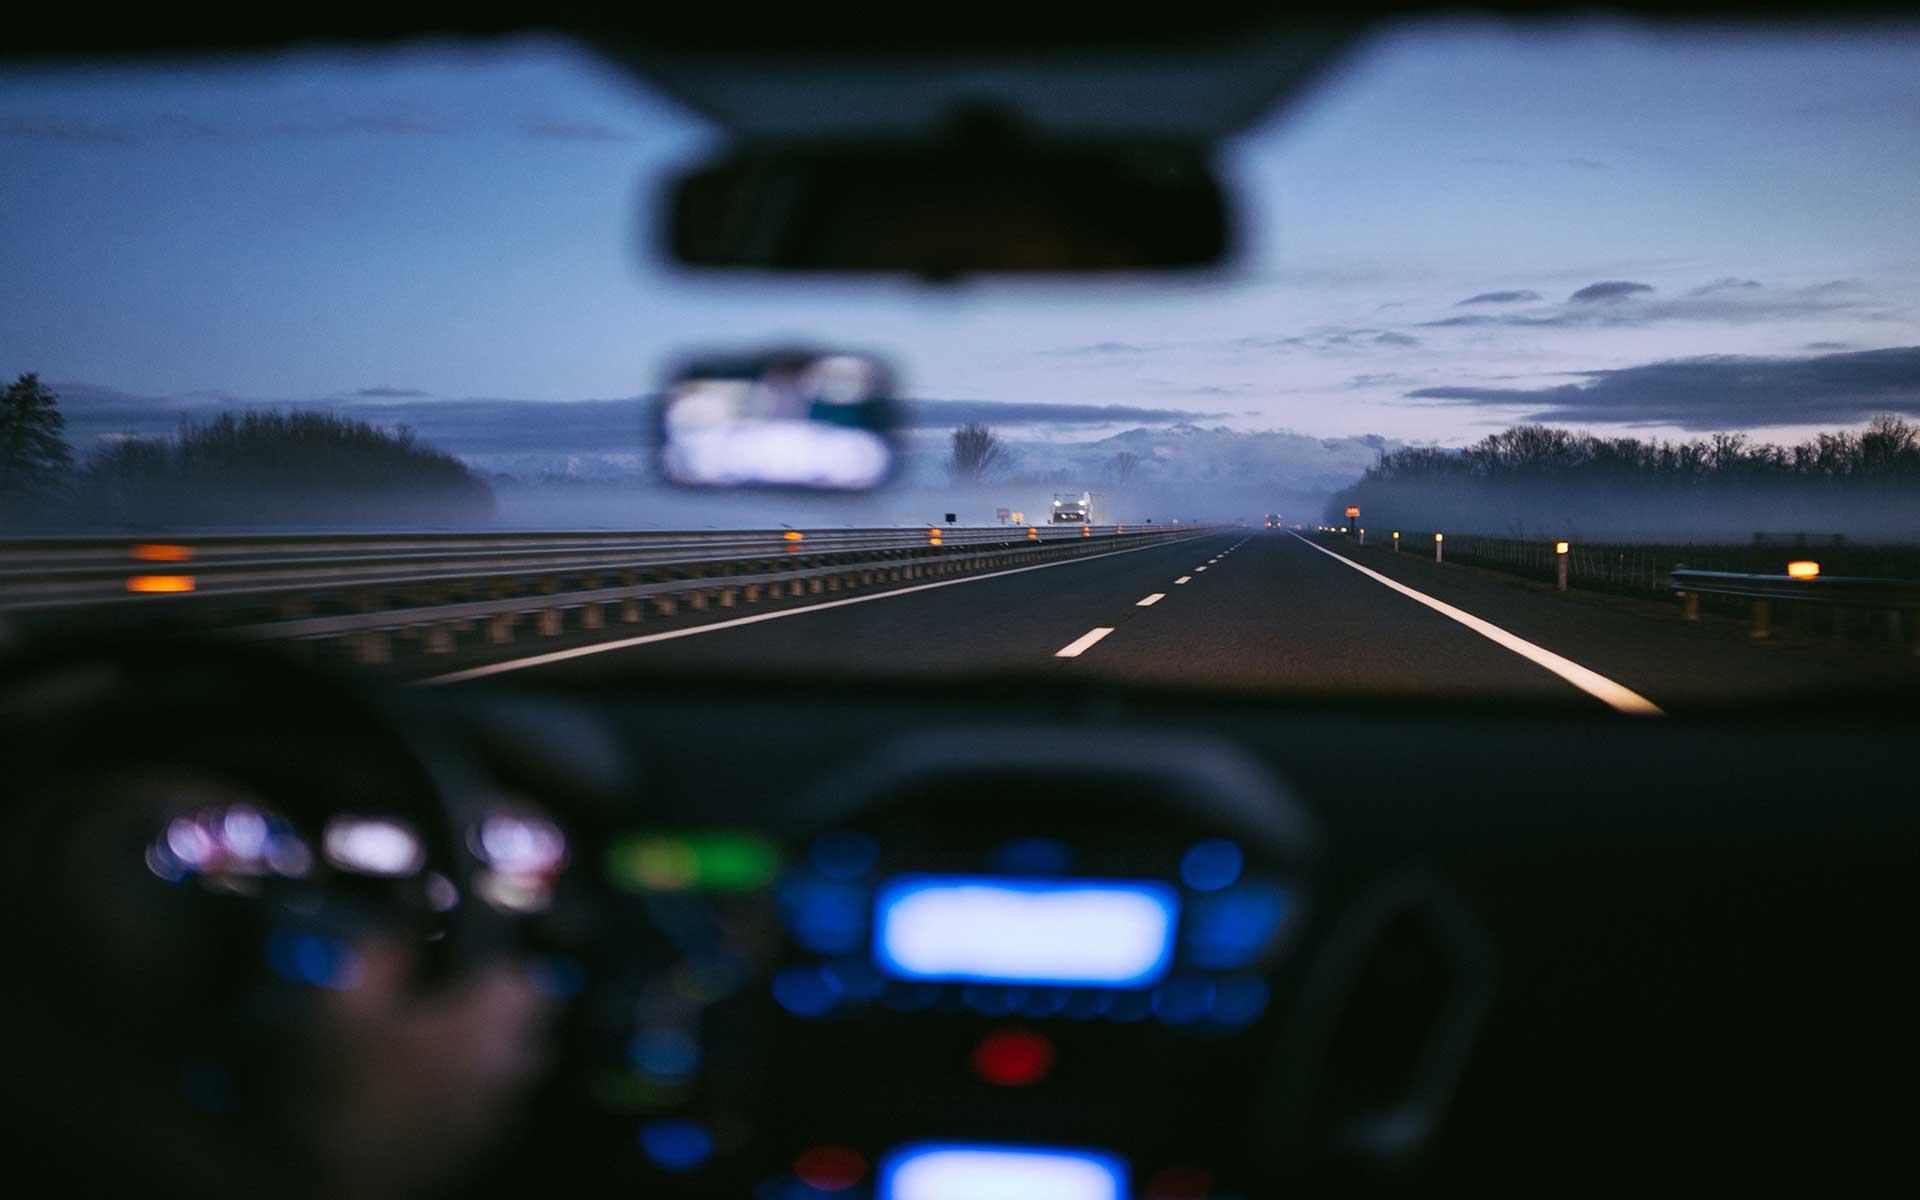 Fahrzeug auf der Autobahn